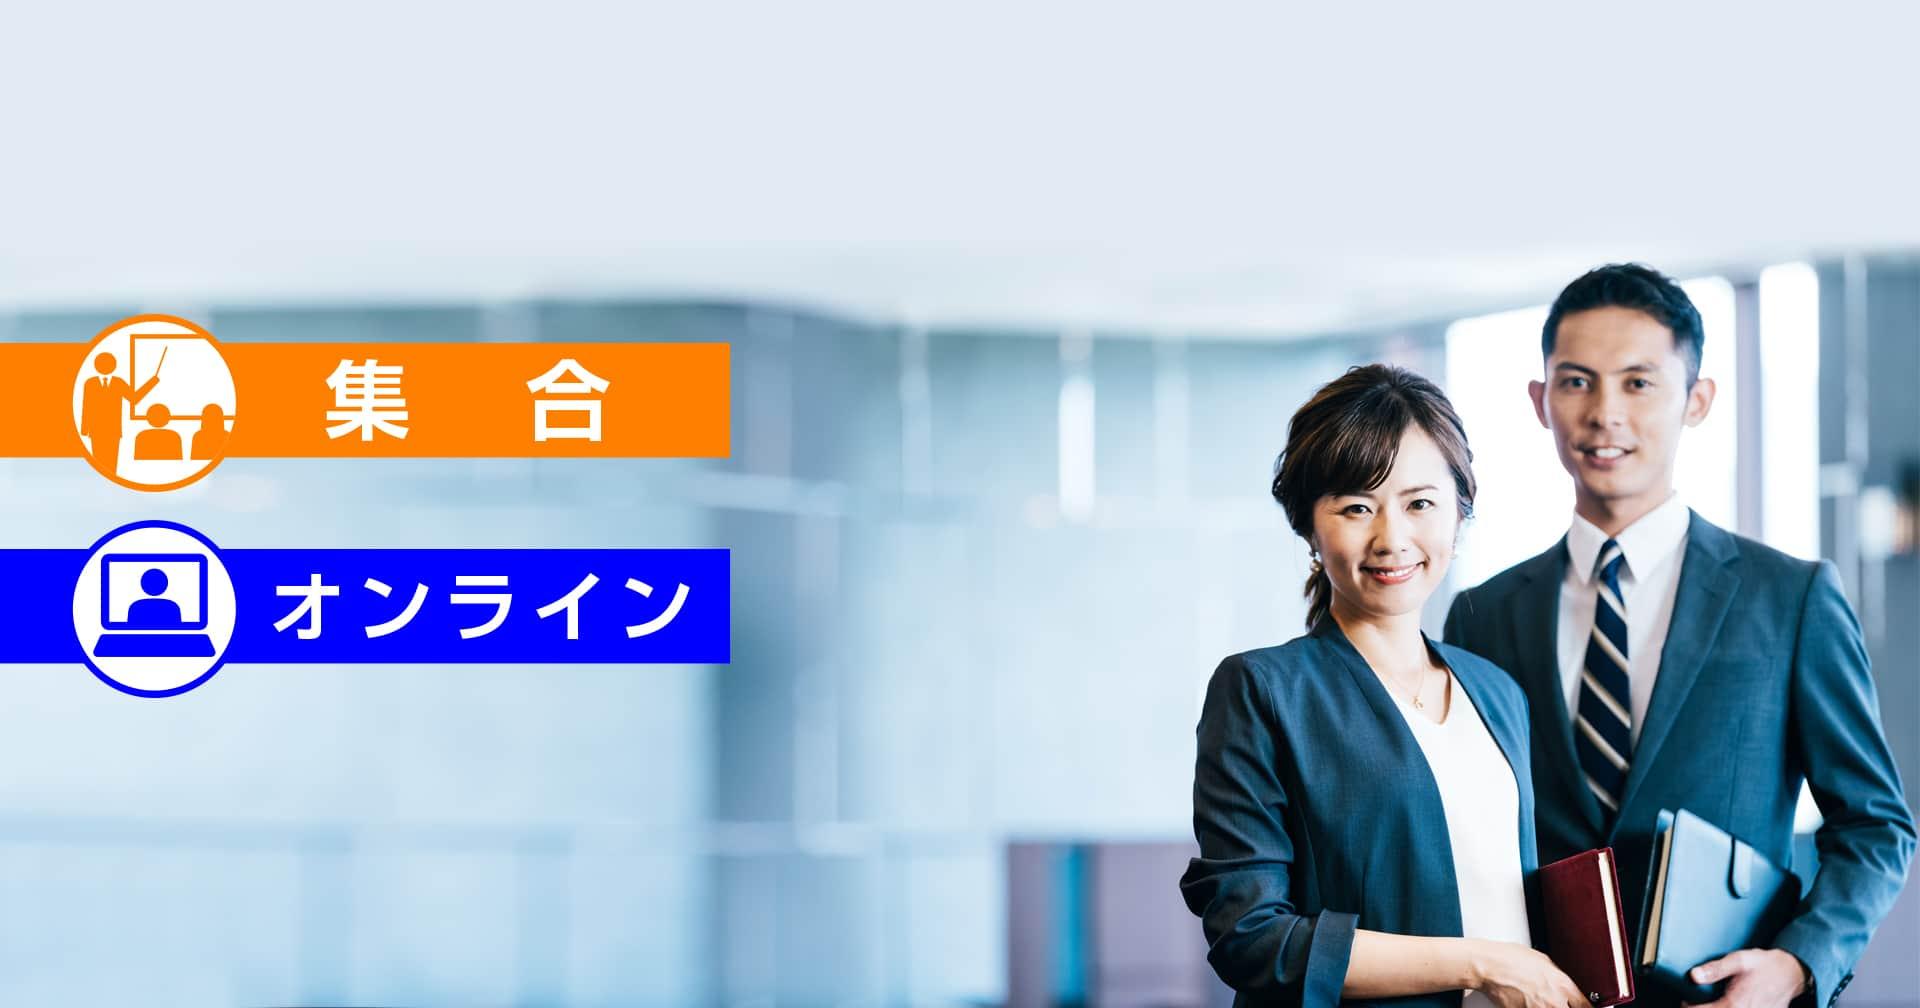 【集合研修】係長研修 行動革新コース(2日)